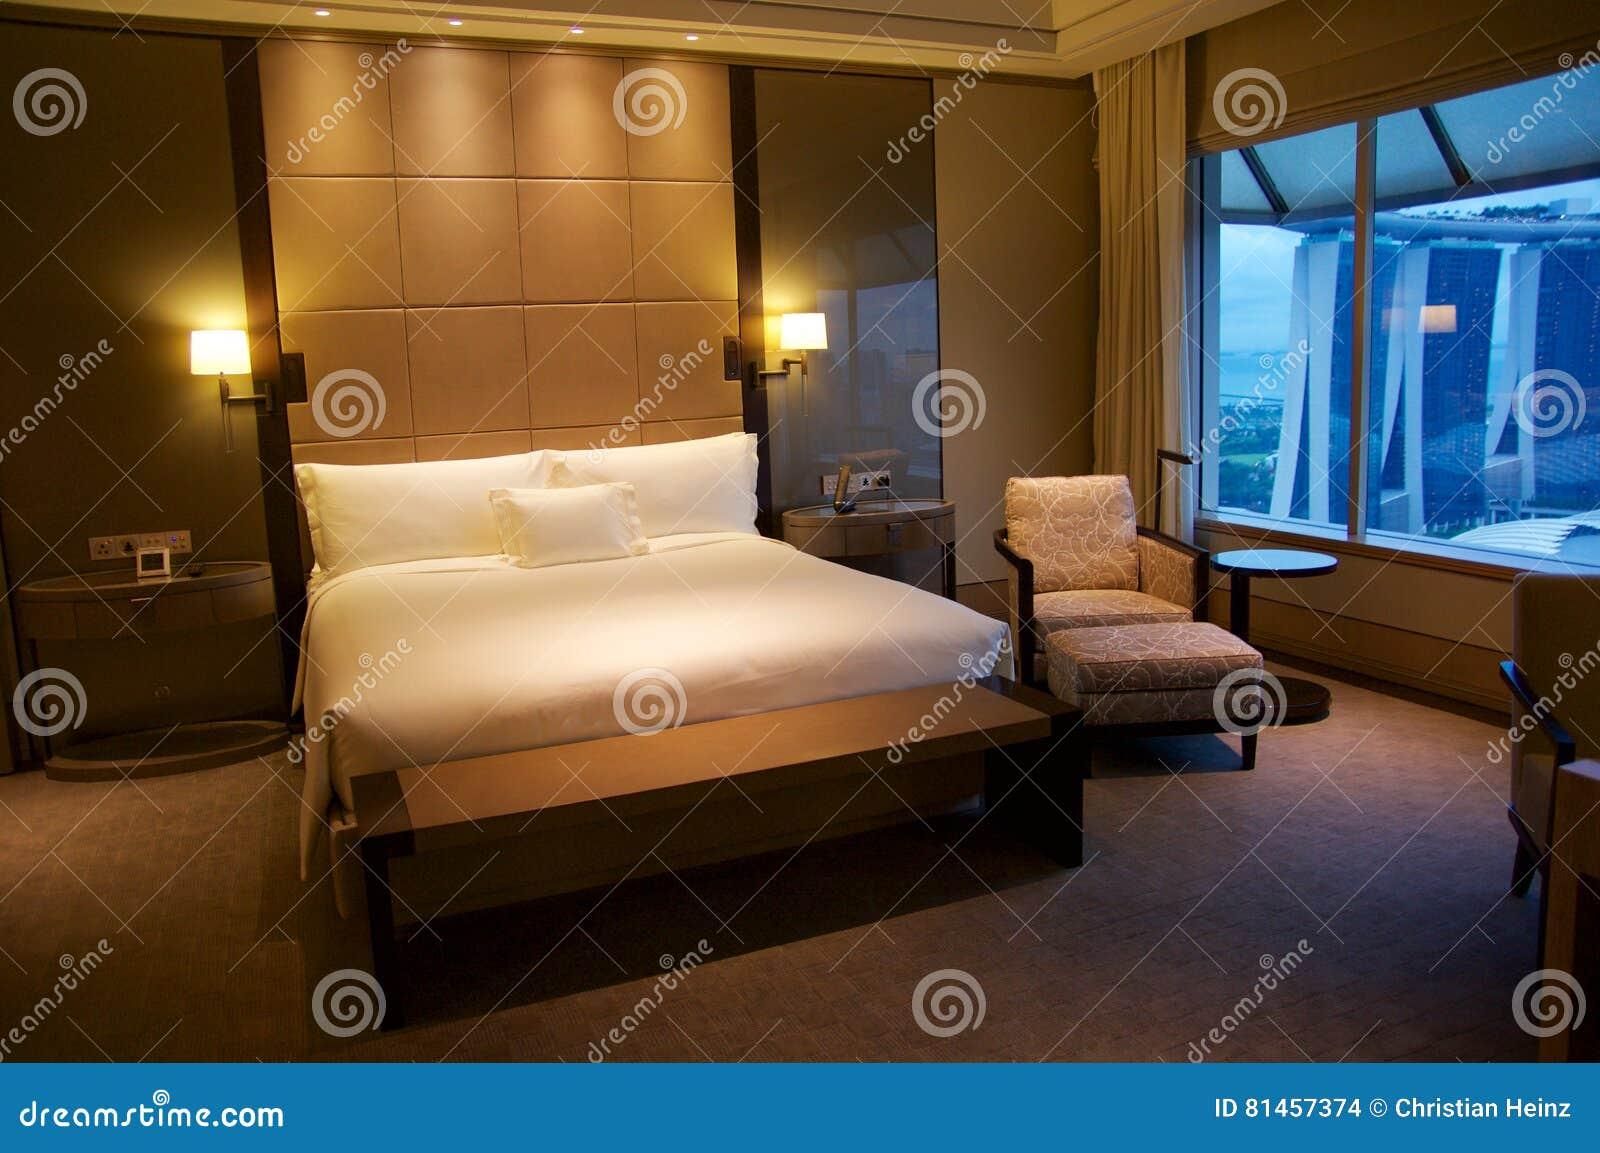 SINGAPOUR - 23 Juillet 2016 : Chambre D\'hôtel De Luxe Avec L ...